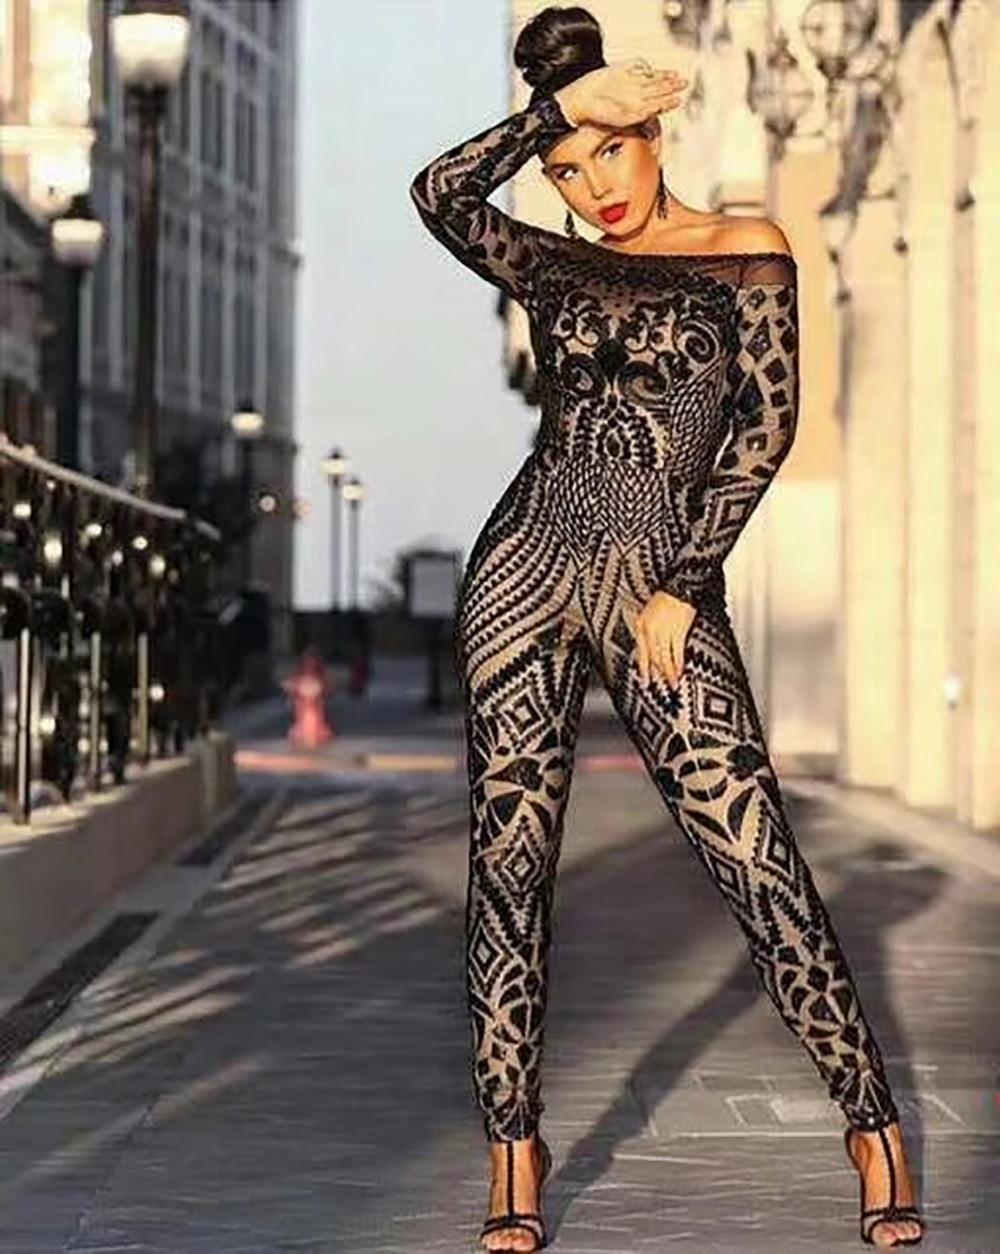 Salopette Glitter Kleezy Détail Style Éléments Dehors À Plusieurs Couture Sequi Minimaliste Maille By813 Africain Night Creusent Sexy Club Sauvage SpMUzVq